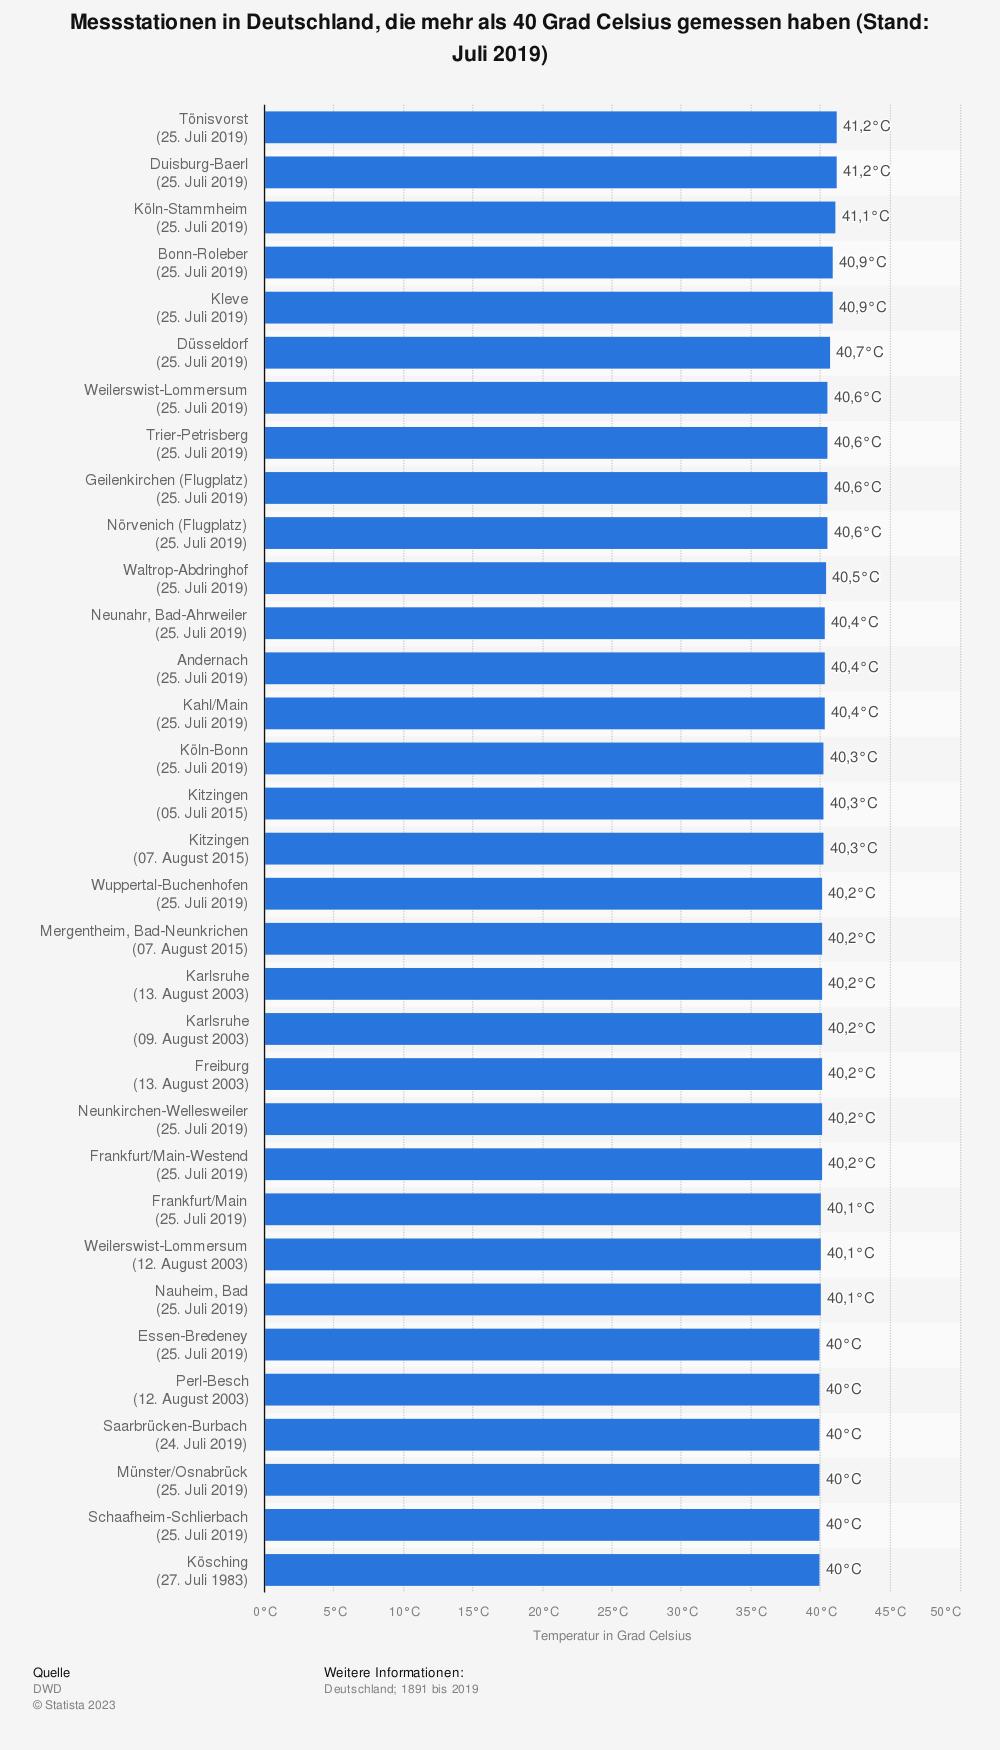 Statistik: Messstationen in Deutschland, die mehr als 40 Grad Celsius gemessen haben (Stand: Juli 2019) | Statista